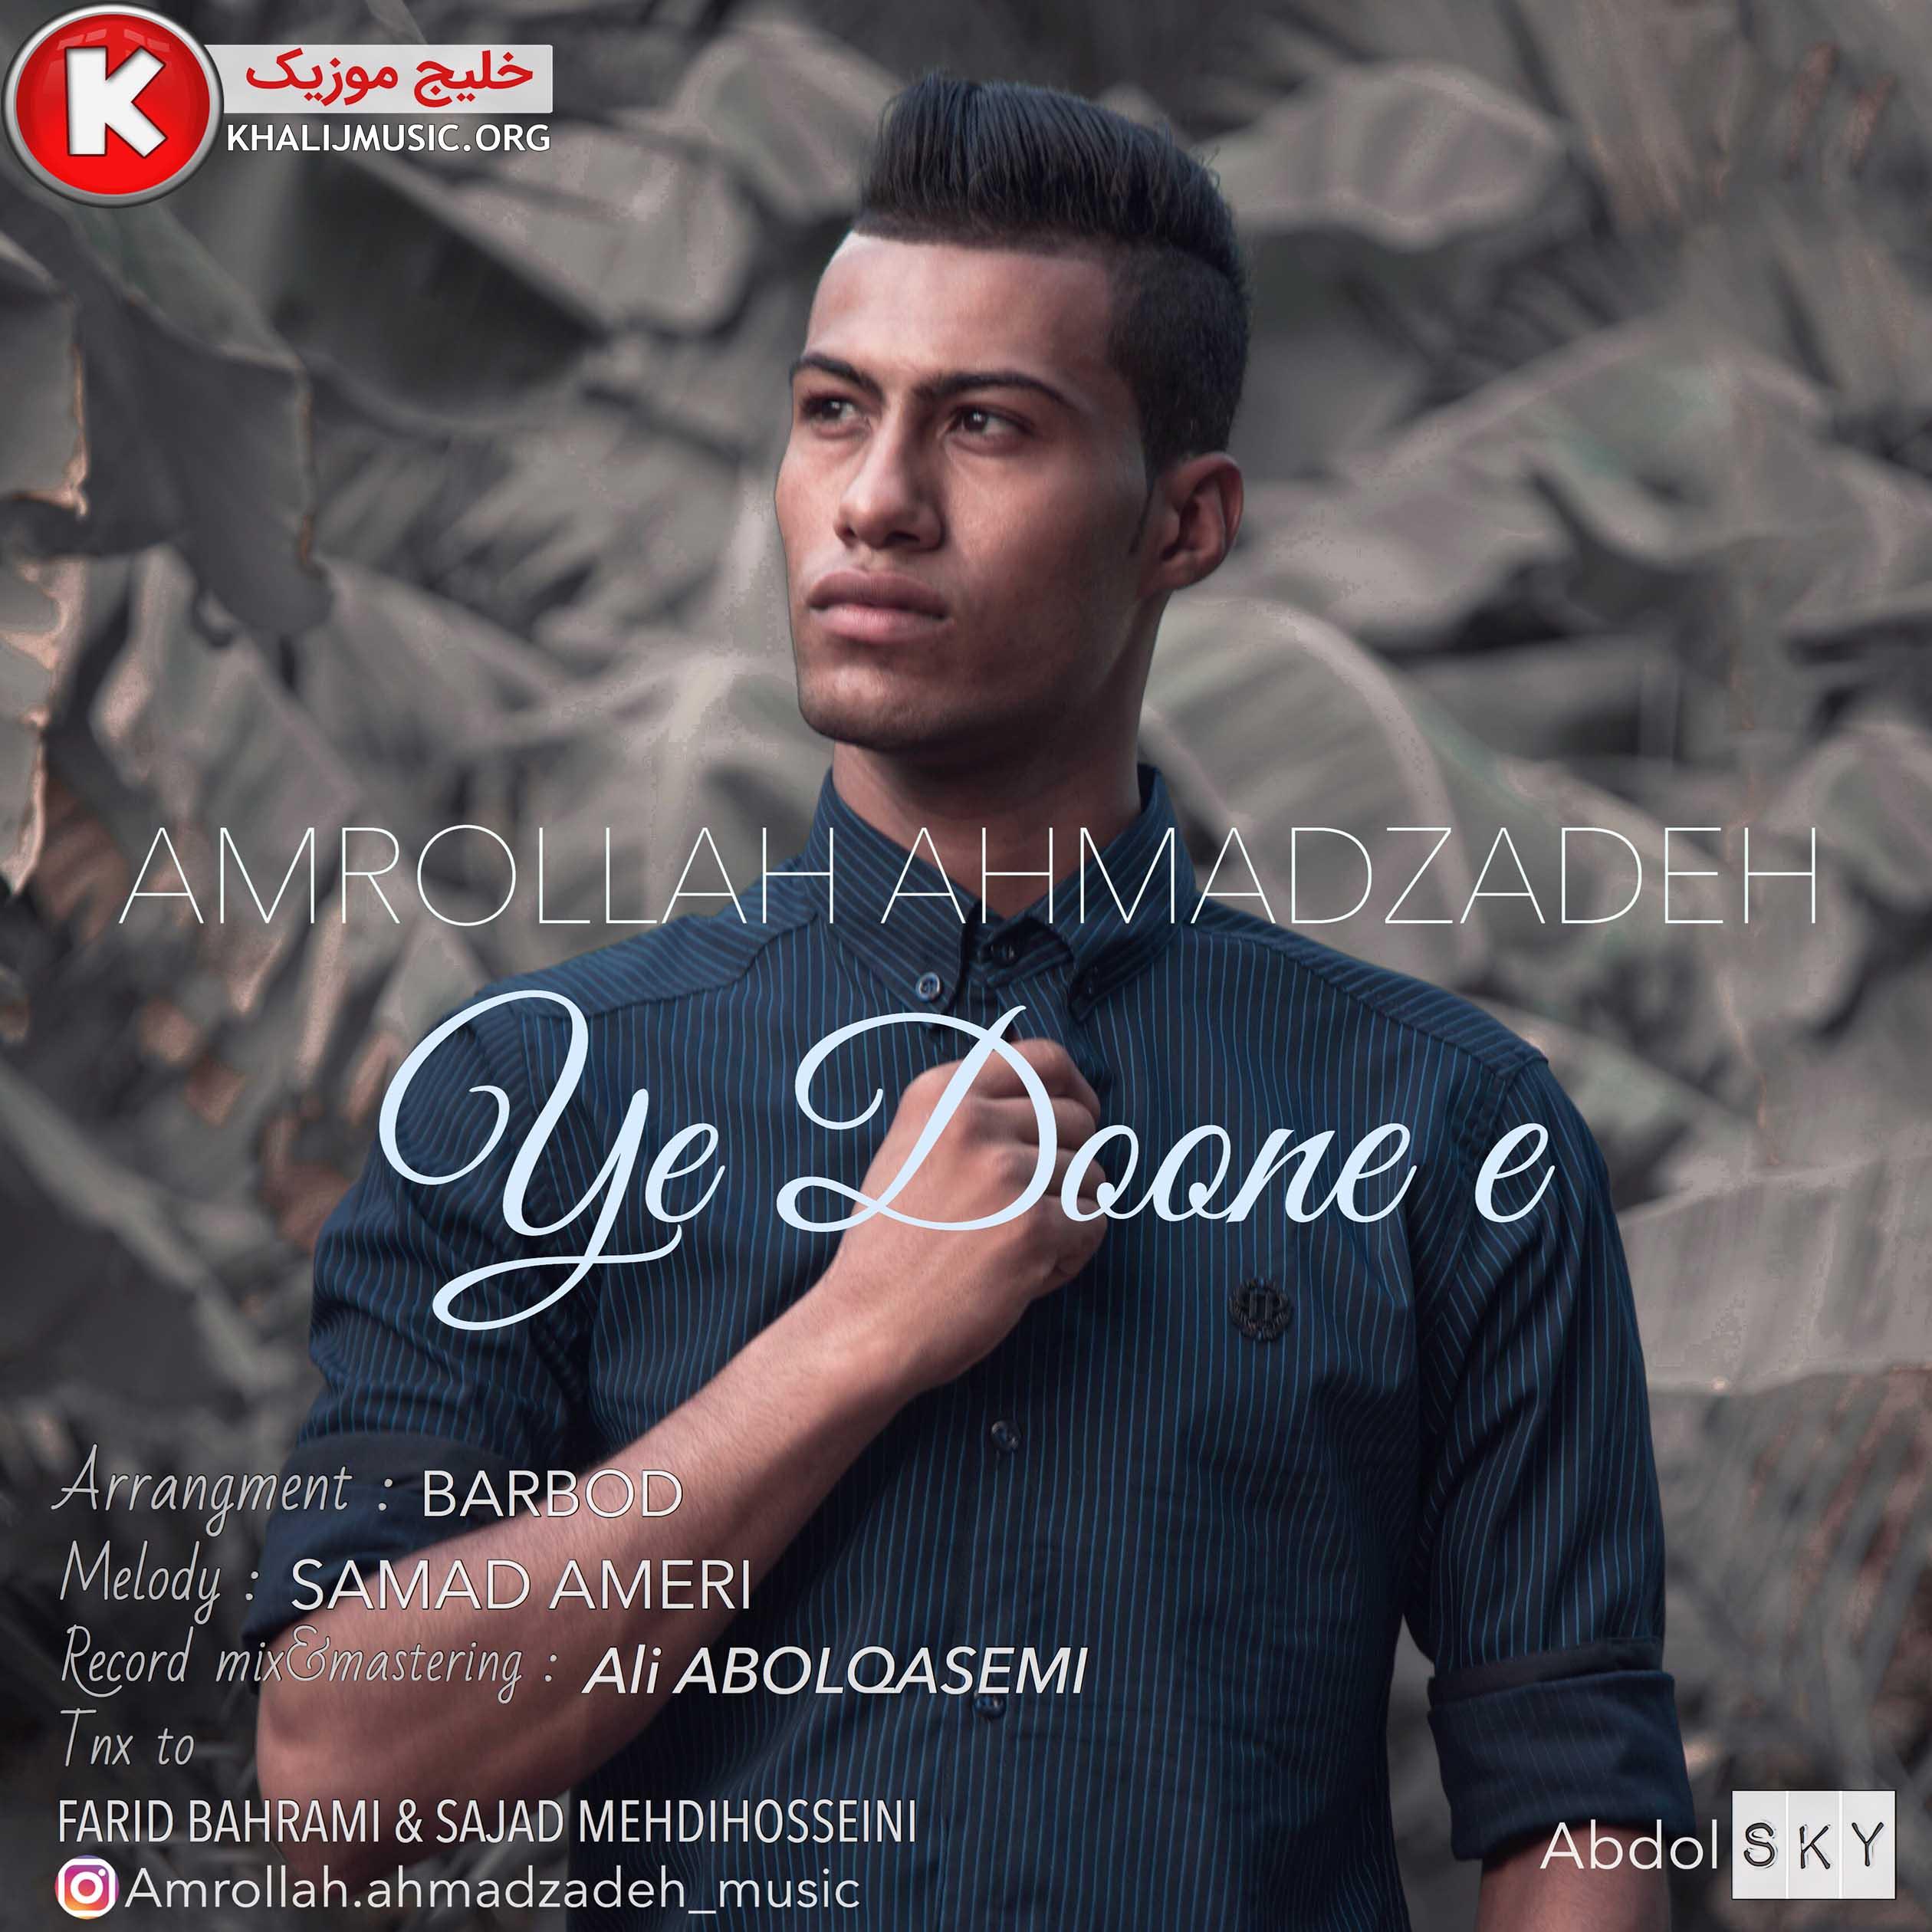 امرالله احمدزاده آهنگ جدید و بسیار زیبا و شنیدنی بنام یه دونه ای